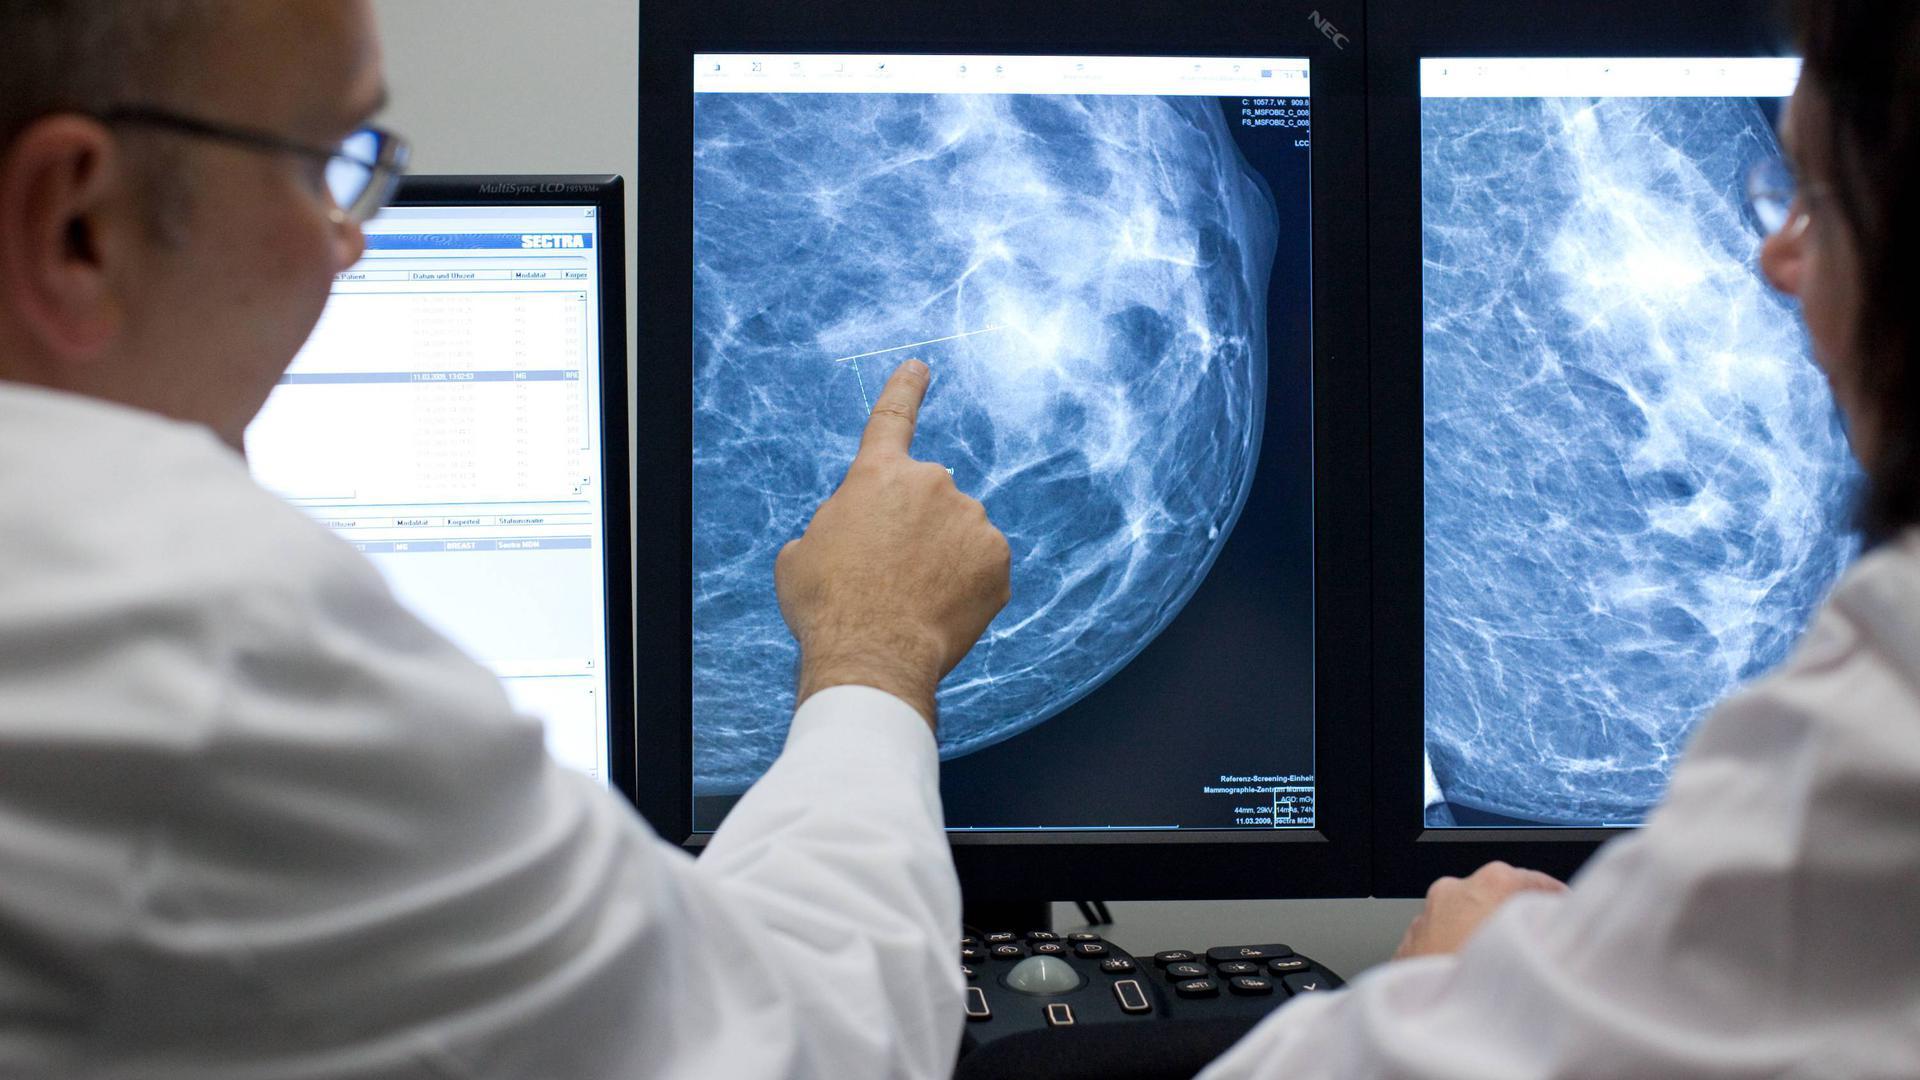 ARCHIV - Der Radiologe Dr. Walter Heindel deutet im Referenzzentrum Mammographie am Universitätsklinikum Münster (UKM) auf eine Auffälligkeit in einer weiblichen Brust, dargestellt auf einem Computermonitor. Die Landesregierung will das landesweite Krebsregister zur Erfassung von Tumorbehandlungen noch vor dem Sommer auf den Weg bringen.  (zu dpa «Umfangreicheres Krebsregister soll Patienten helfen» vom 09.01.2017) Foto: Friso Gentsch/dpa +++(c) dpa - Bildfunk+++   Verwendung weltweit